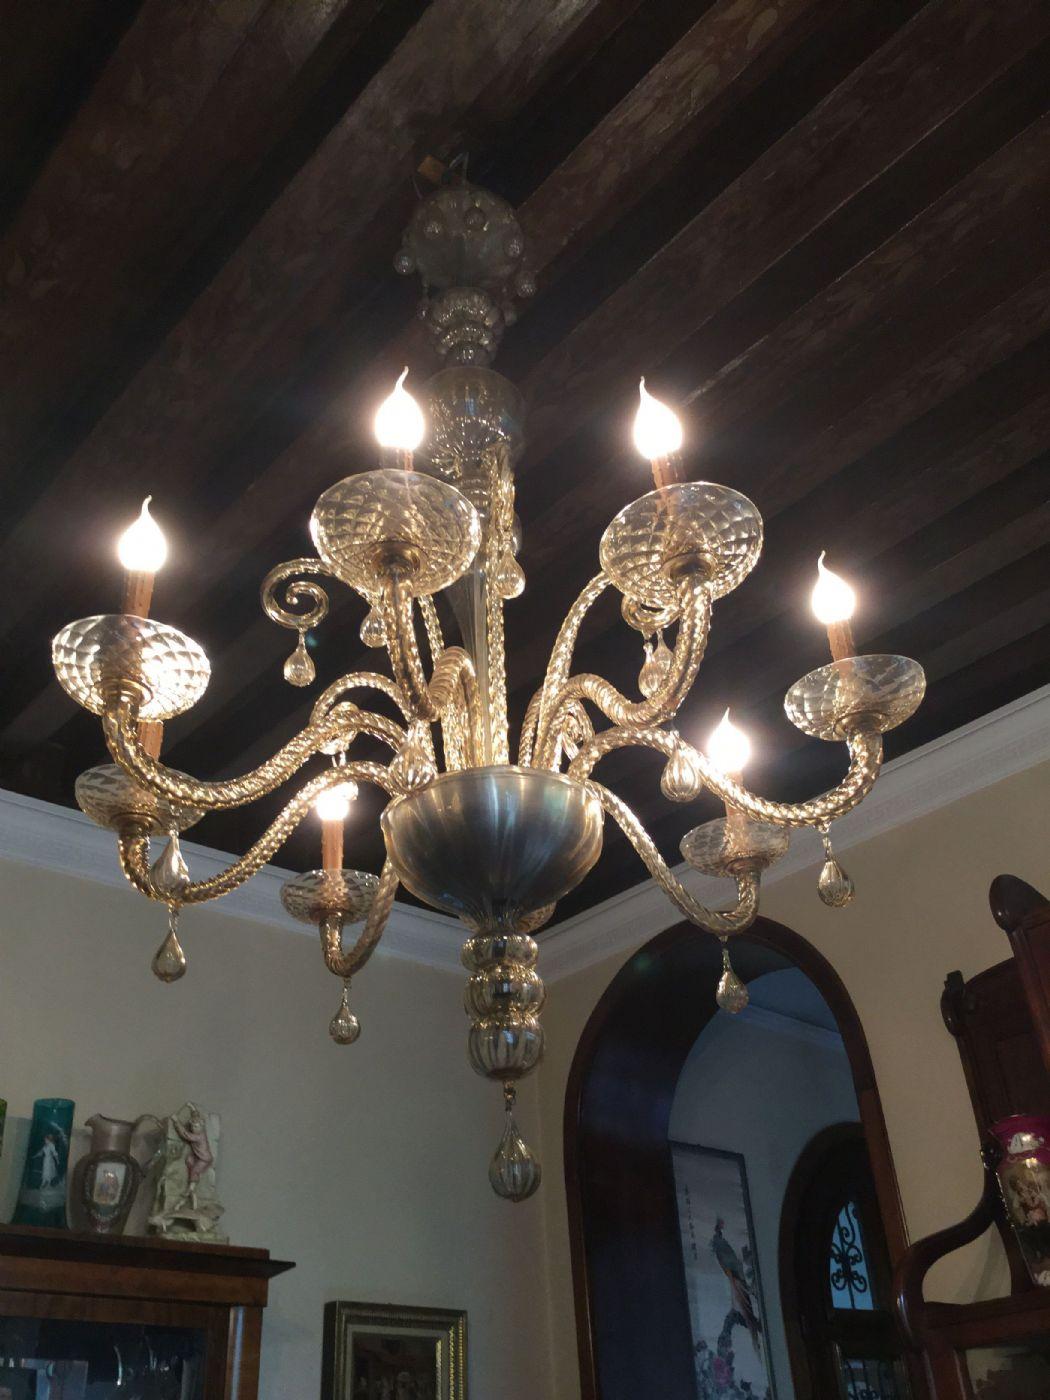 lampadario realizzato in vetro di murano negli anni '70, colore bianco con una fine riga nera. Lampadario Murano Anni 30 40 H 150x95 Colore Ambra 8 Luci Antiquariato Su Anticoantico